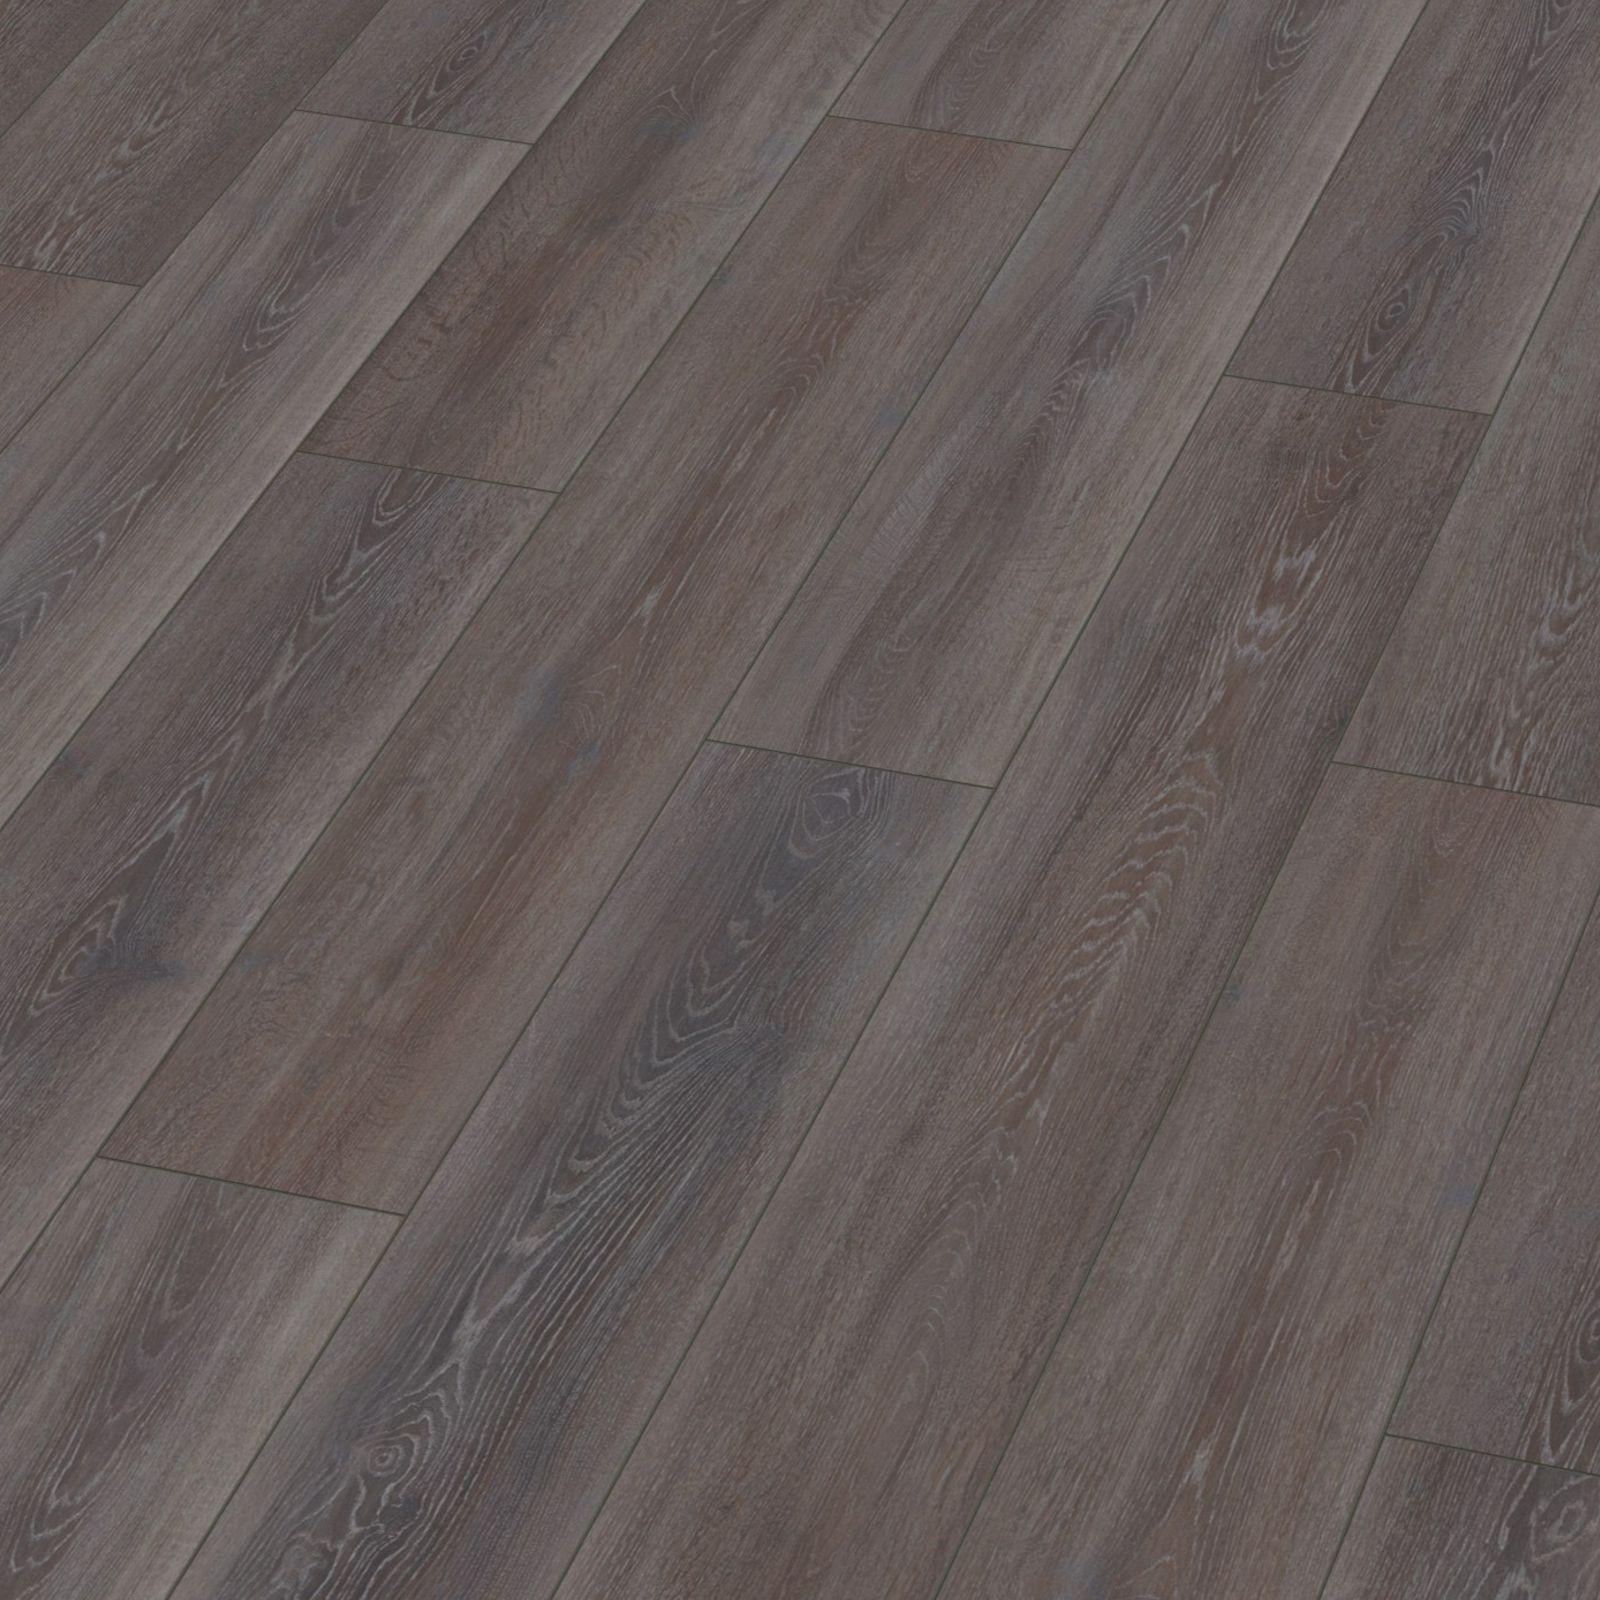 kronotex exquisit stirling oak d2804 laminat m u s t e r exquisit 8 mm laminat. Black Bedroom Furniture Sets. Home Design Ideas